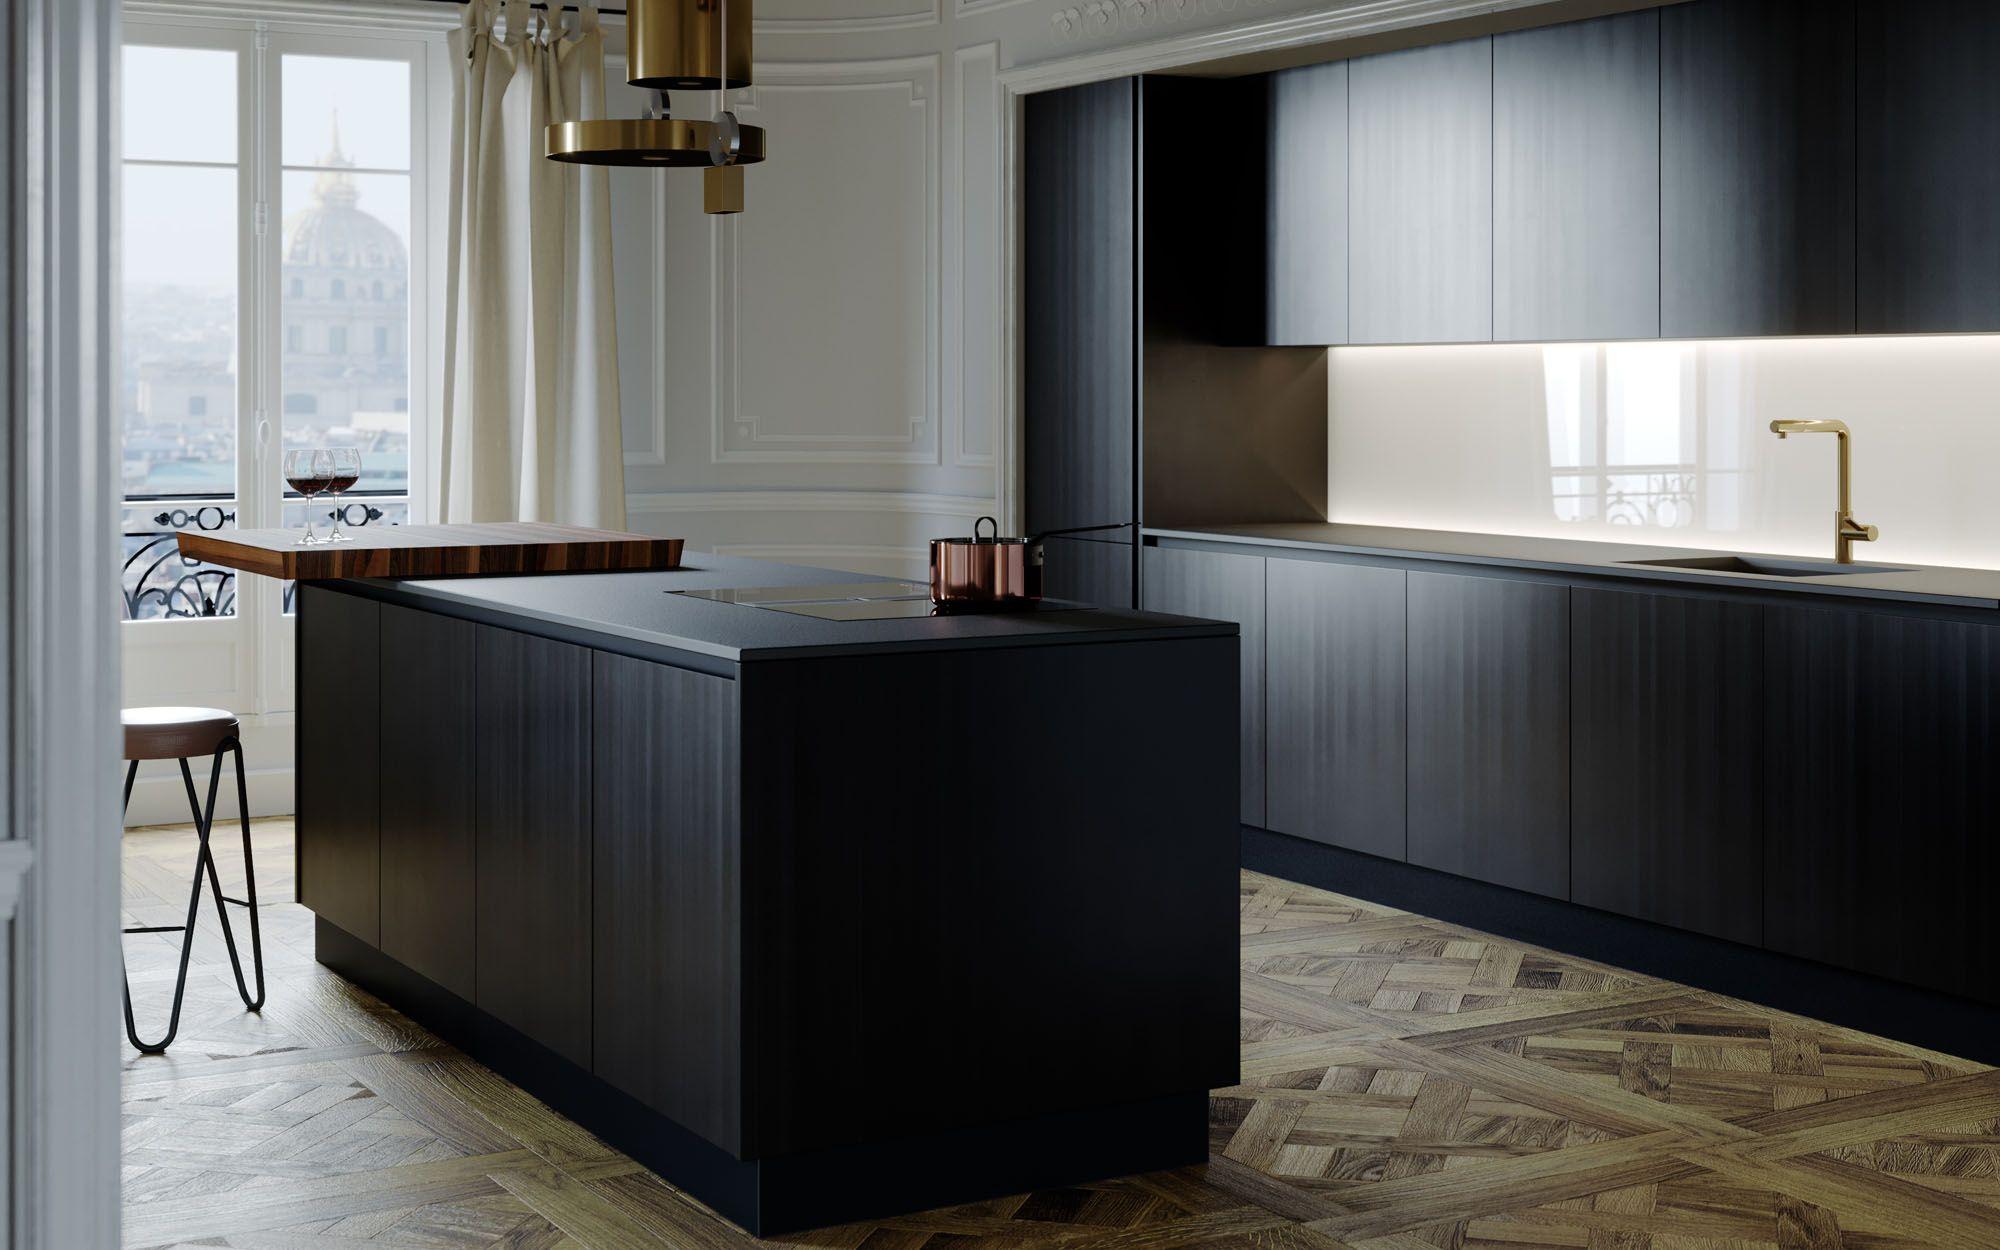 La cucina Essence Lux di Aurora Cucine - pennellato nero effetto ...